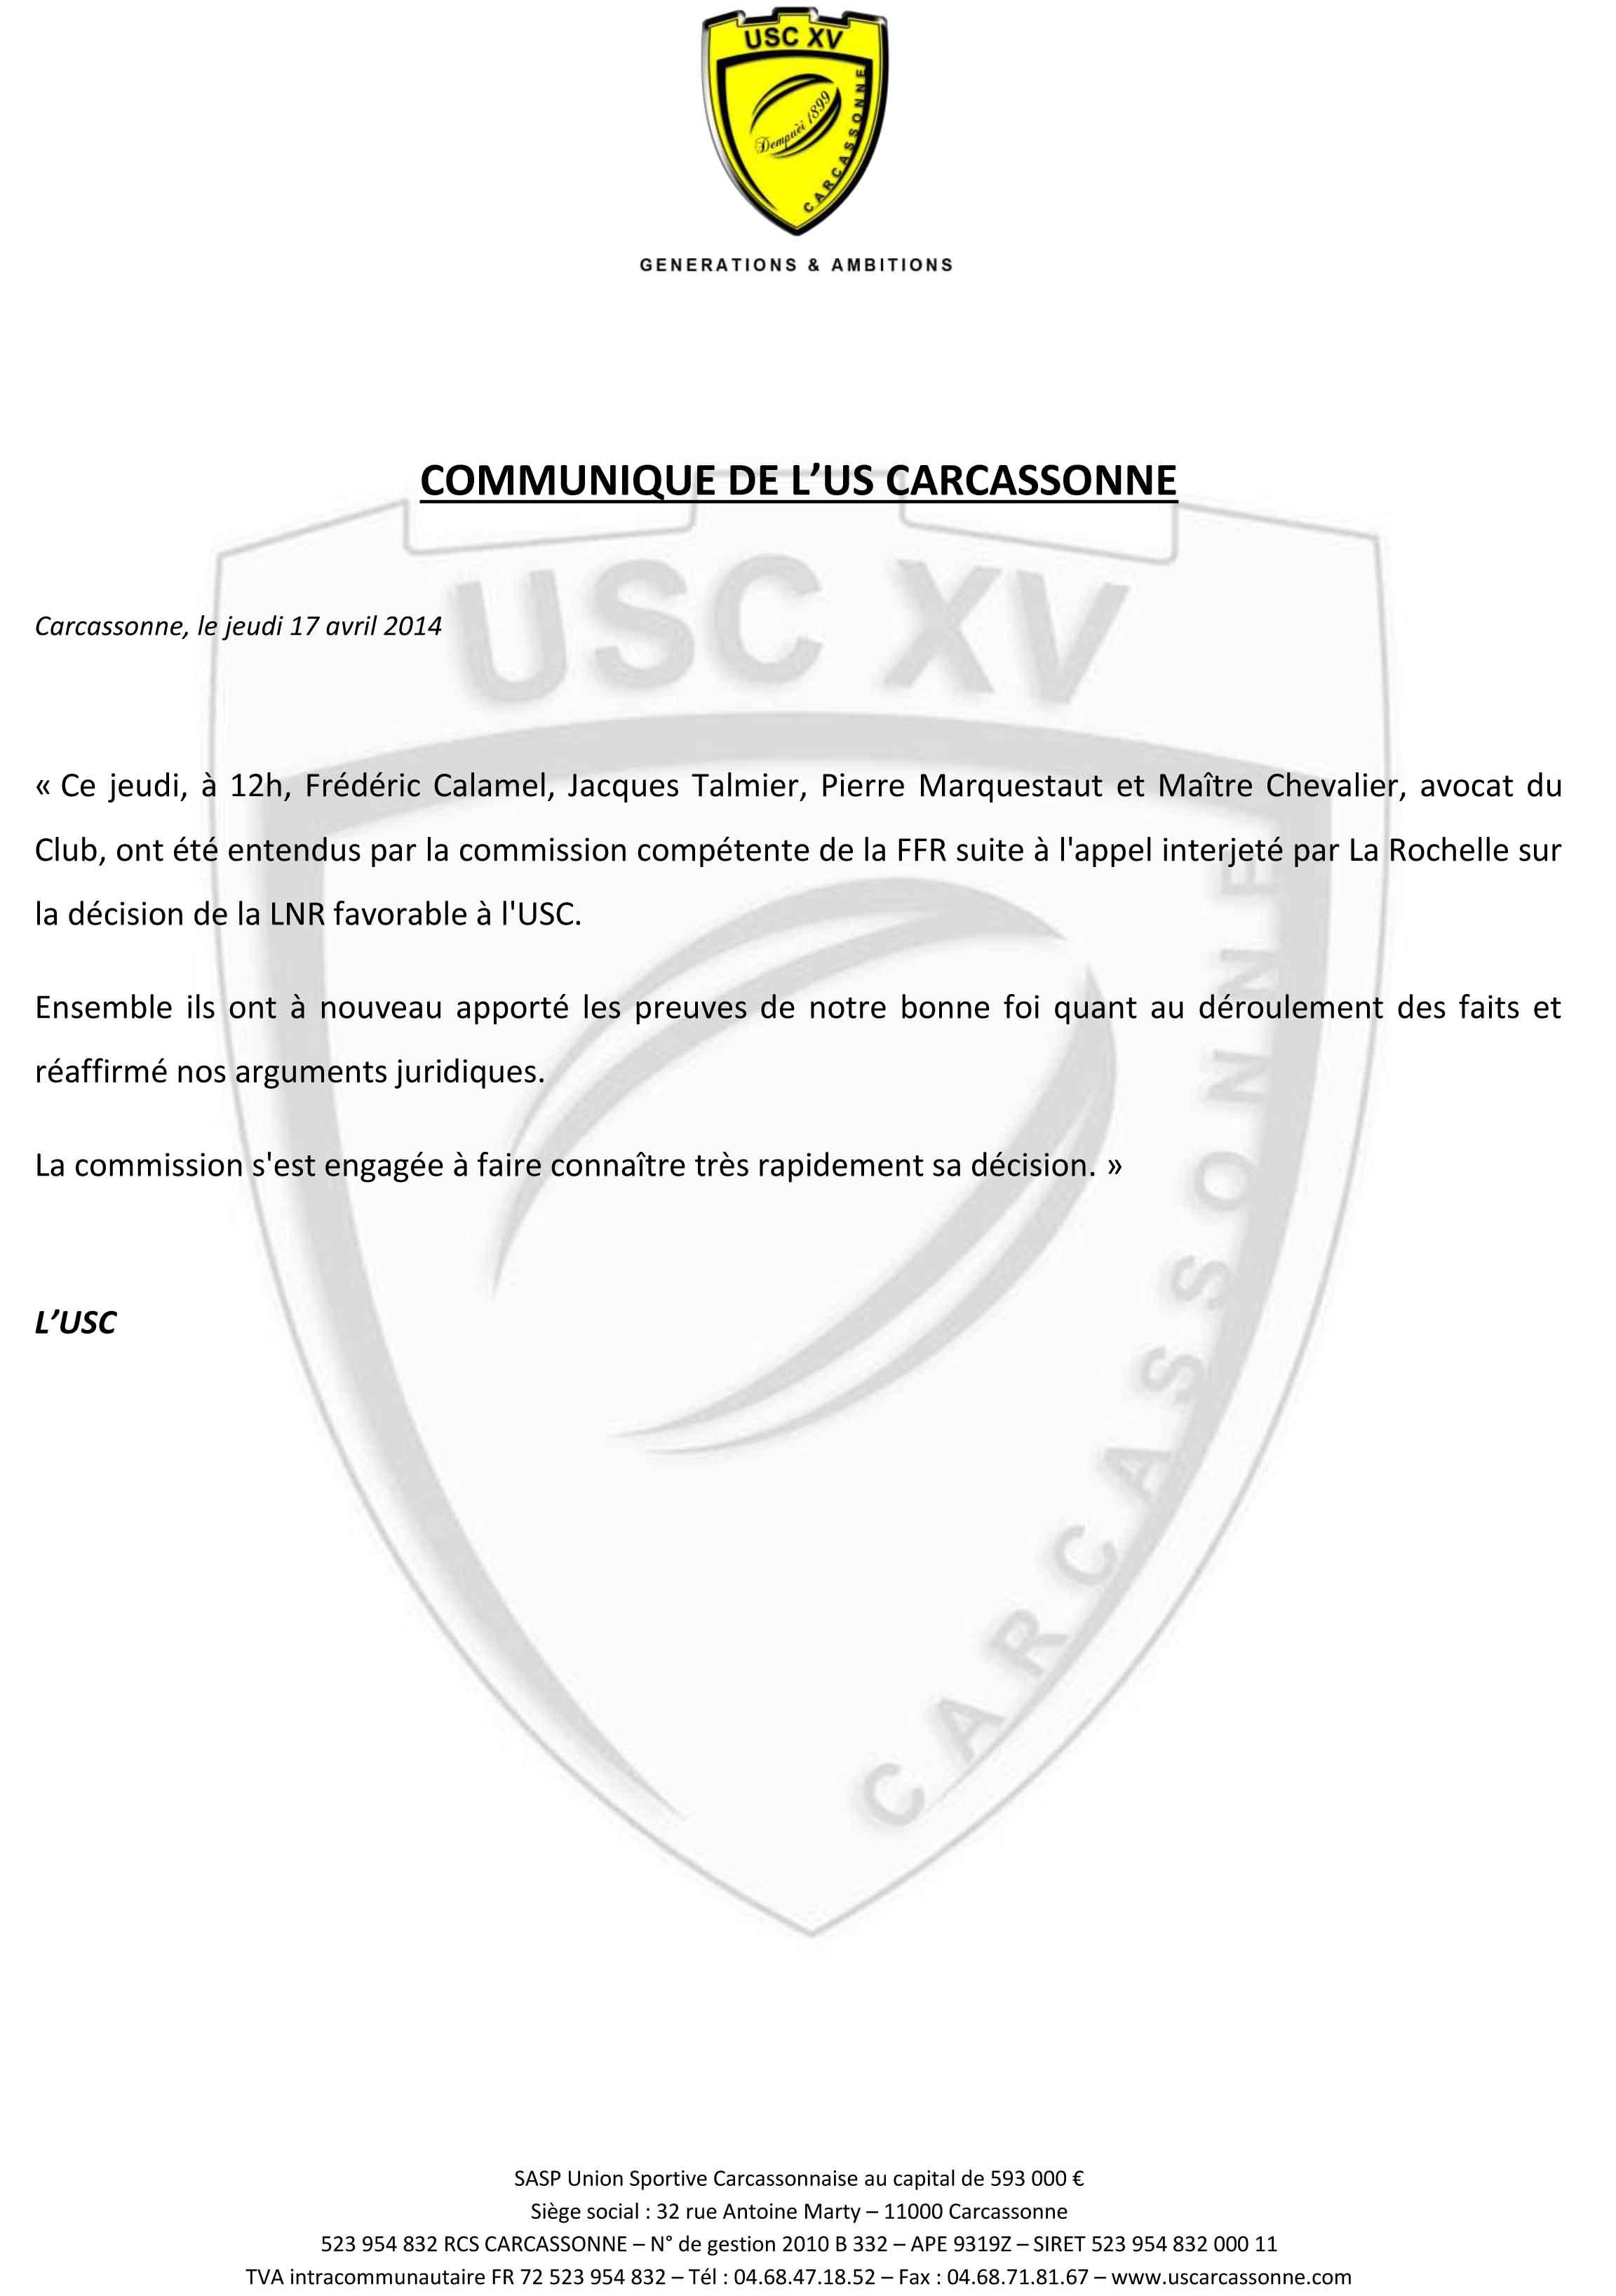 Communiqué de l'USC - Commission d'appel de la Fédération française de rugby